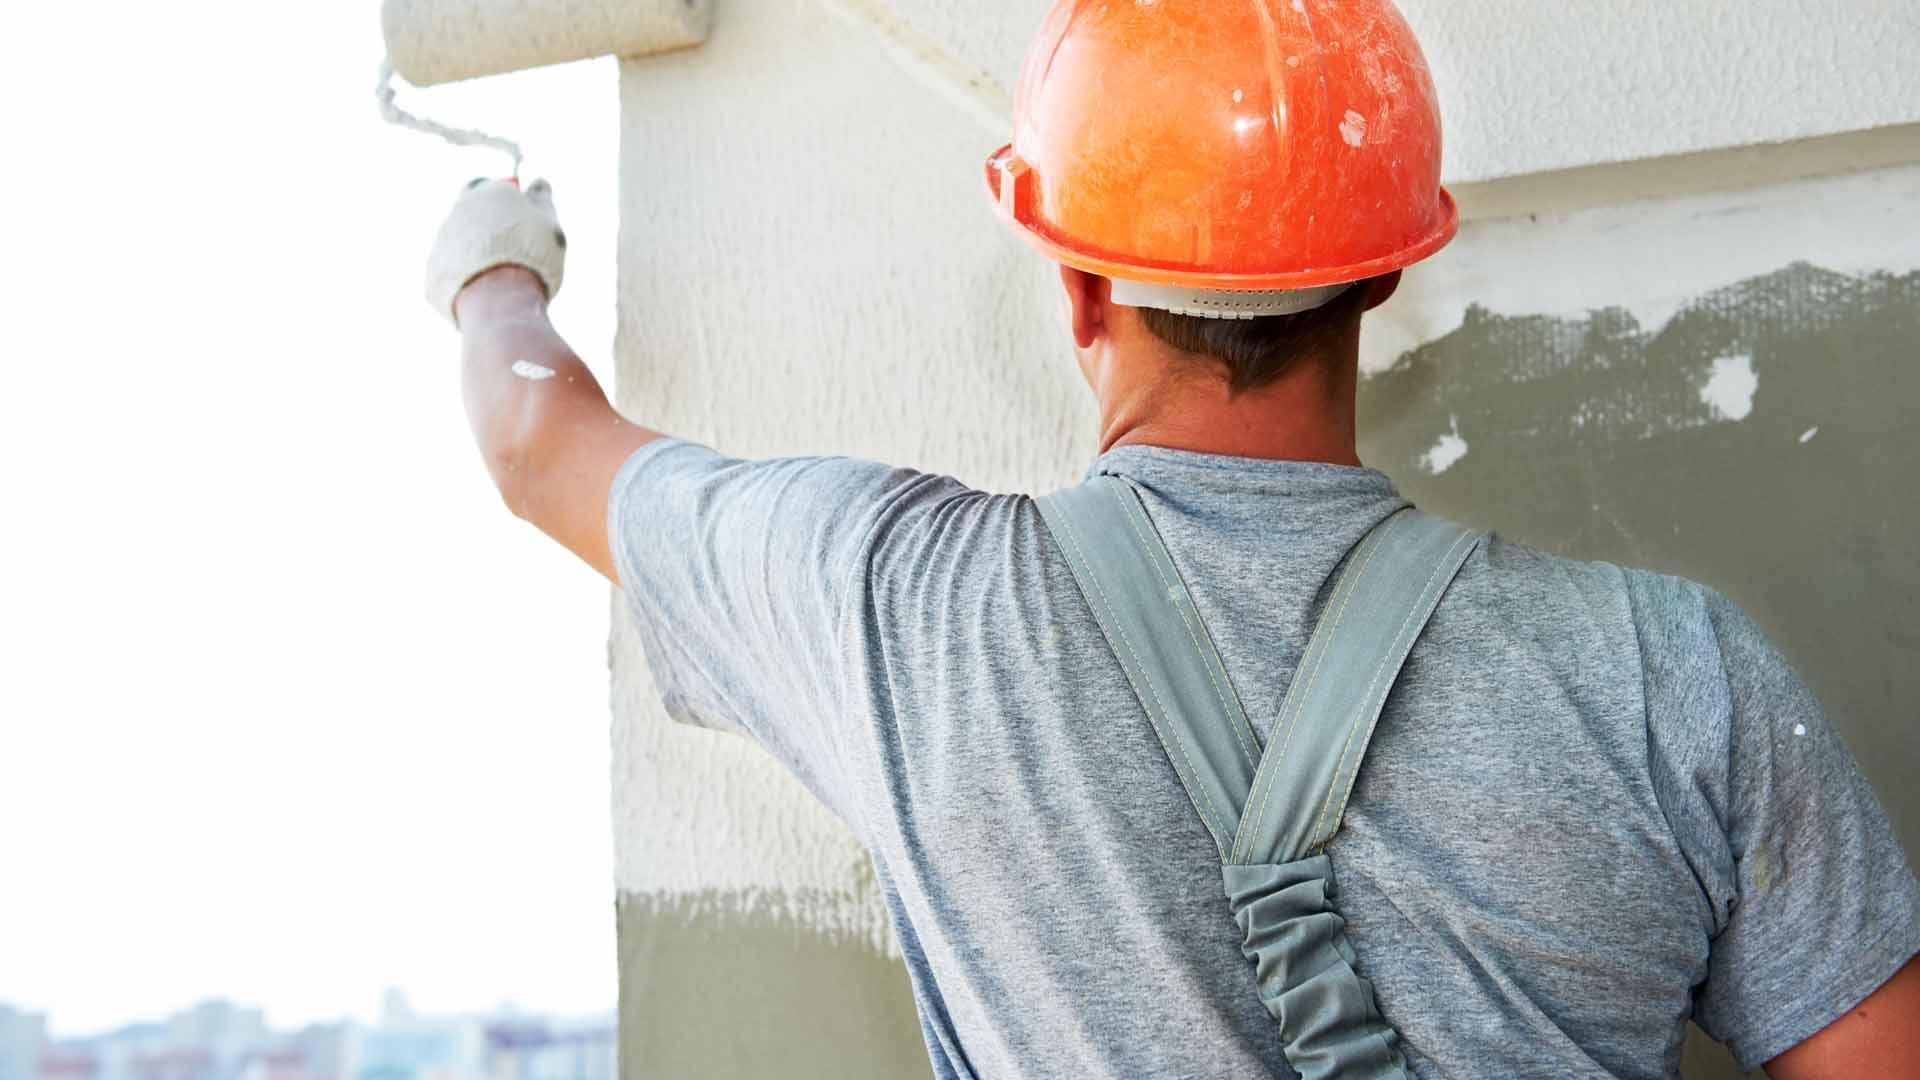 Ce que vous devez savoir lorsque vous peignez l'extérieur de votre maison